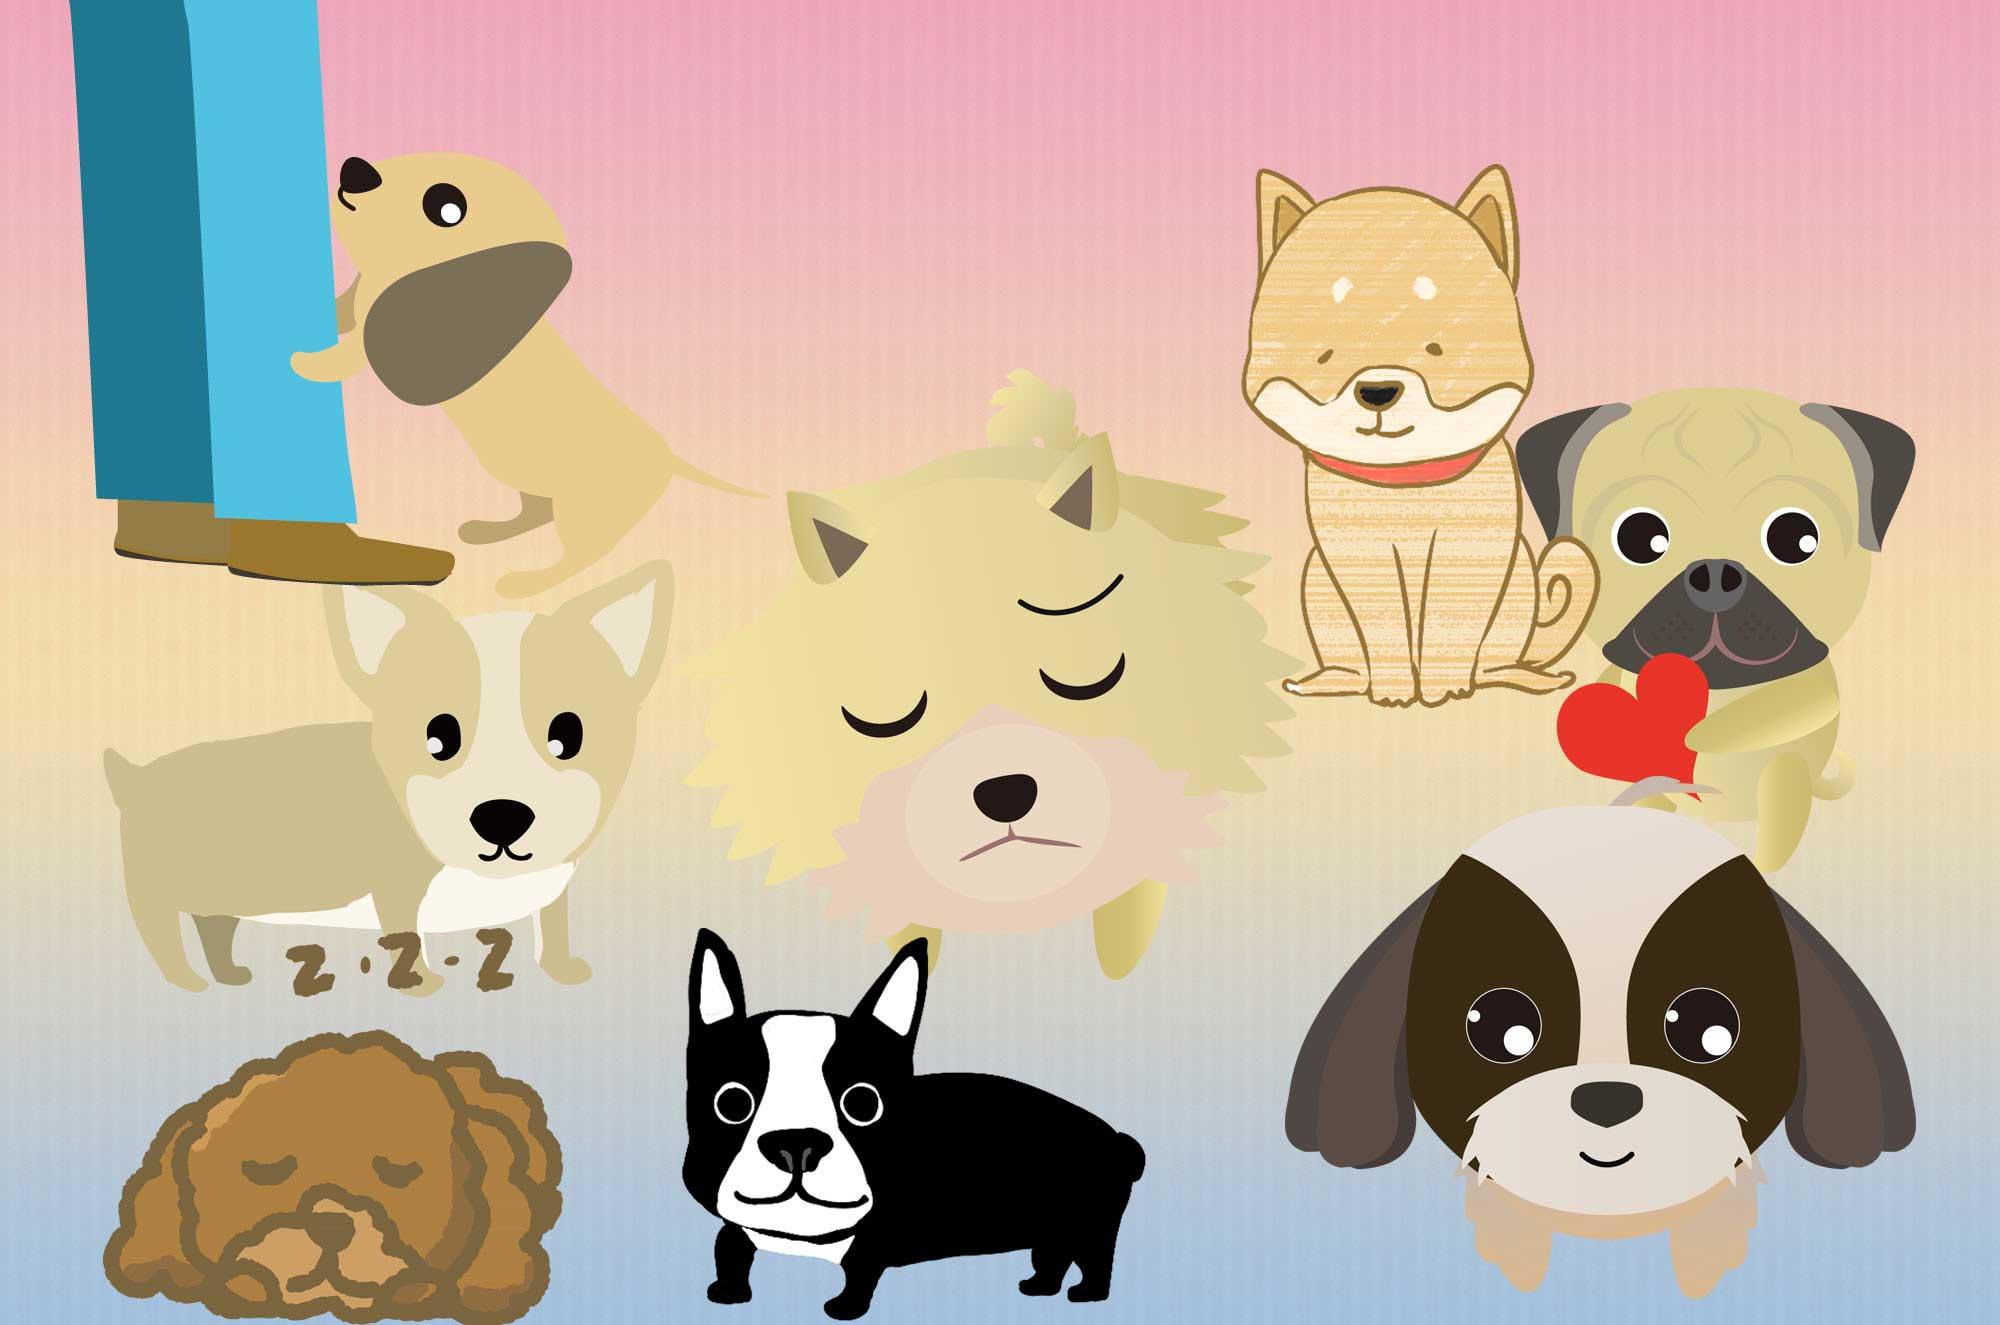 可愛い犬のイラスト集 - 面白い動物キャラクター無料素材